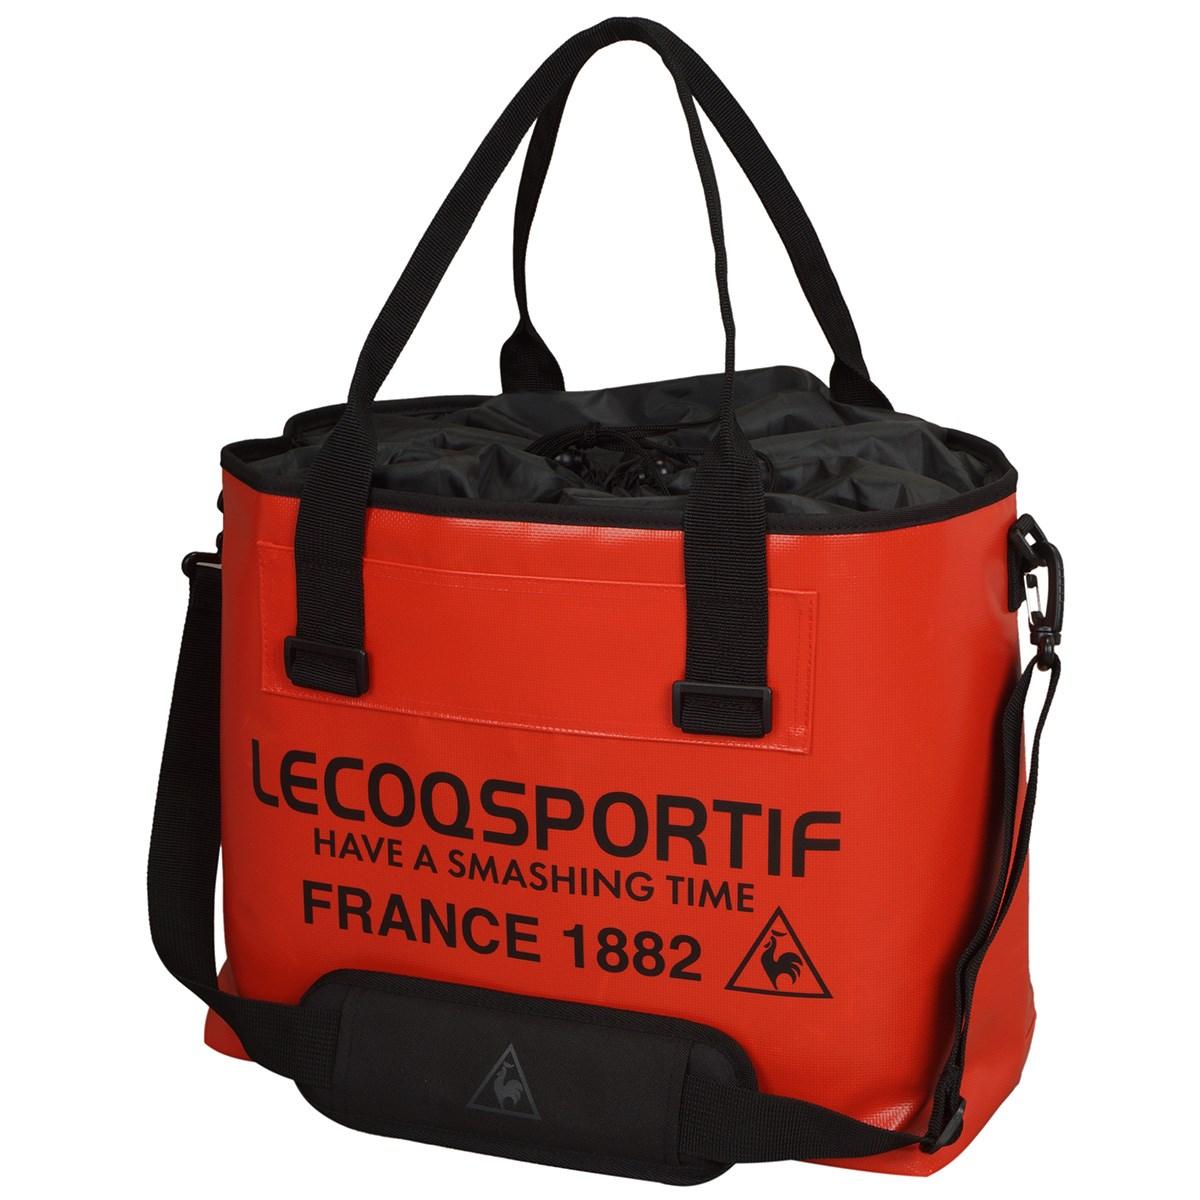 ルコックゴルフ Le coq sportif GOLF ボストンバッグ レッド 00